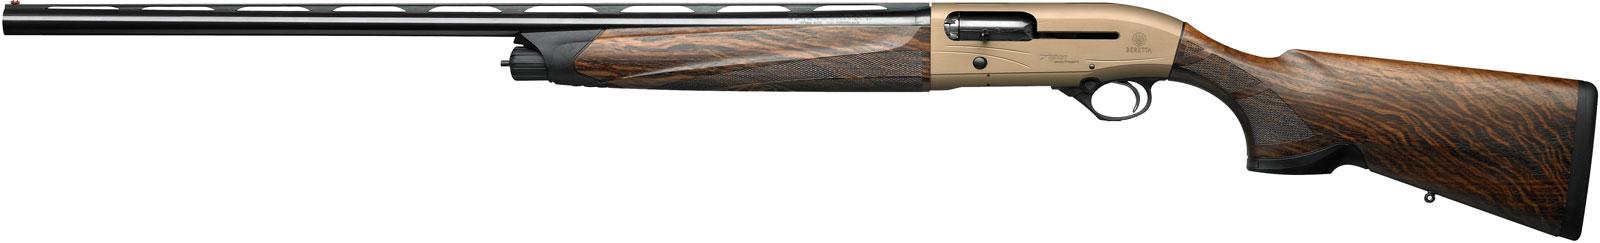 Beretta A400 Xplor Blue Beretta A400 Xplor Left-hand